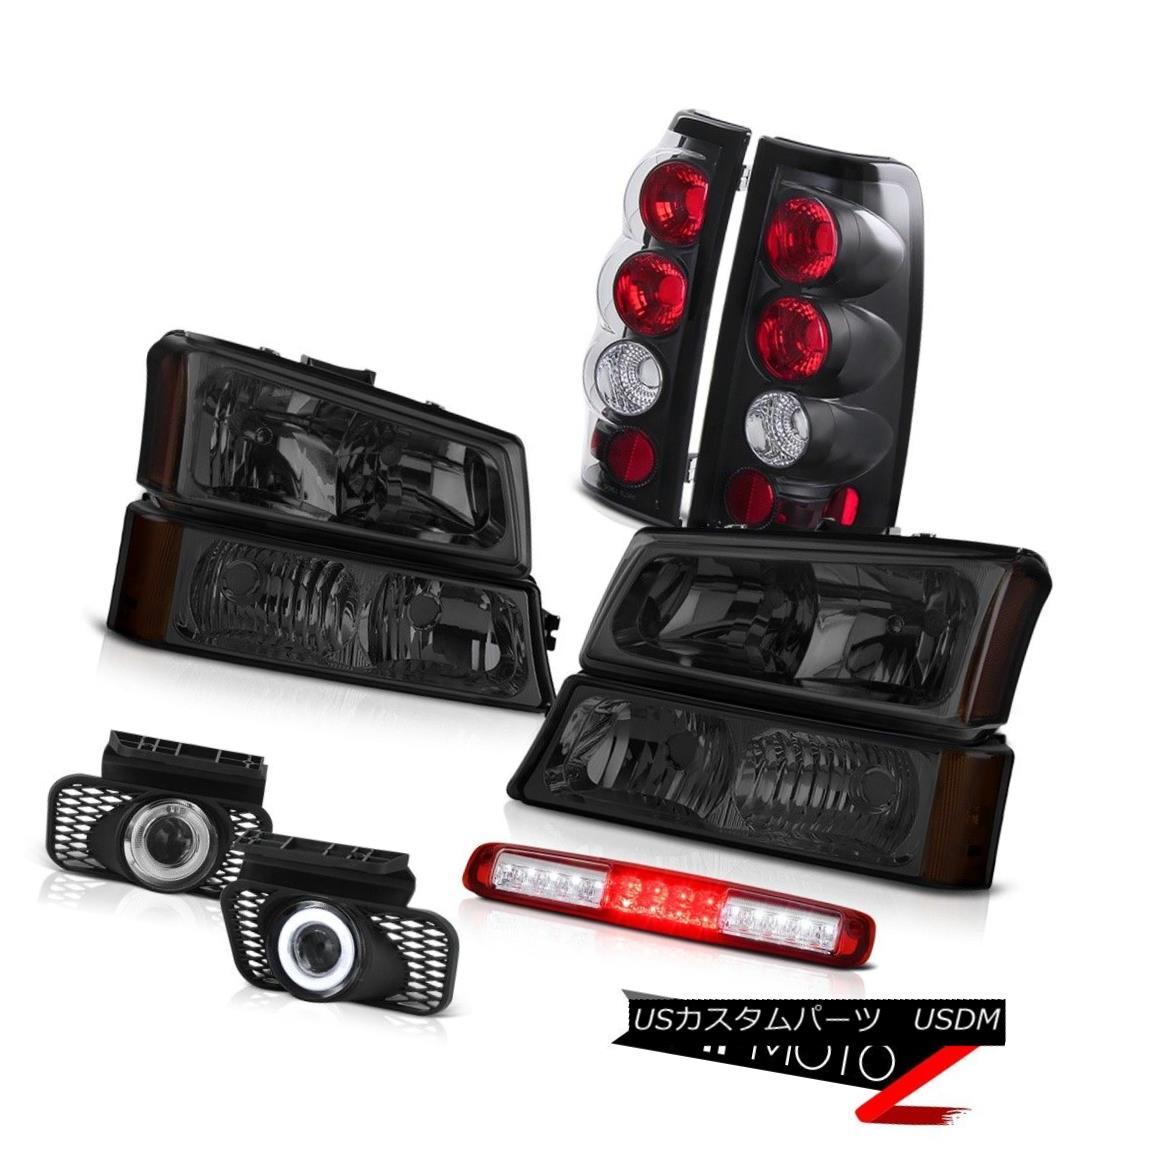 テールライト 03-06 Silverado Signal Light Third Brake Headlamps Fog Lights Taillamps Altezza 03-06シルヴァードシグナルライトサードブレーキヘッドランプフォグライトタイルランプアルテッツァ